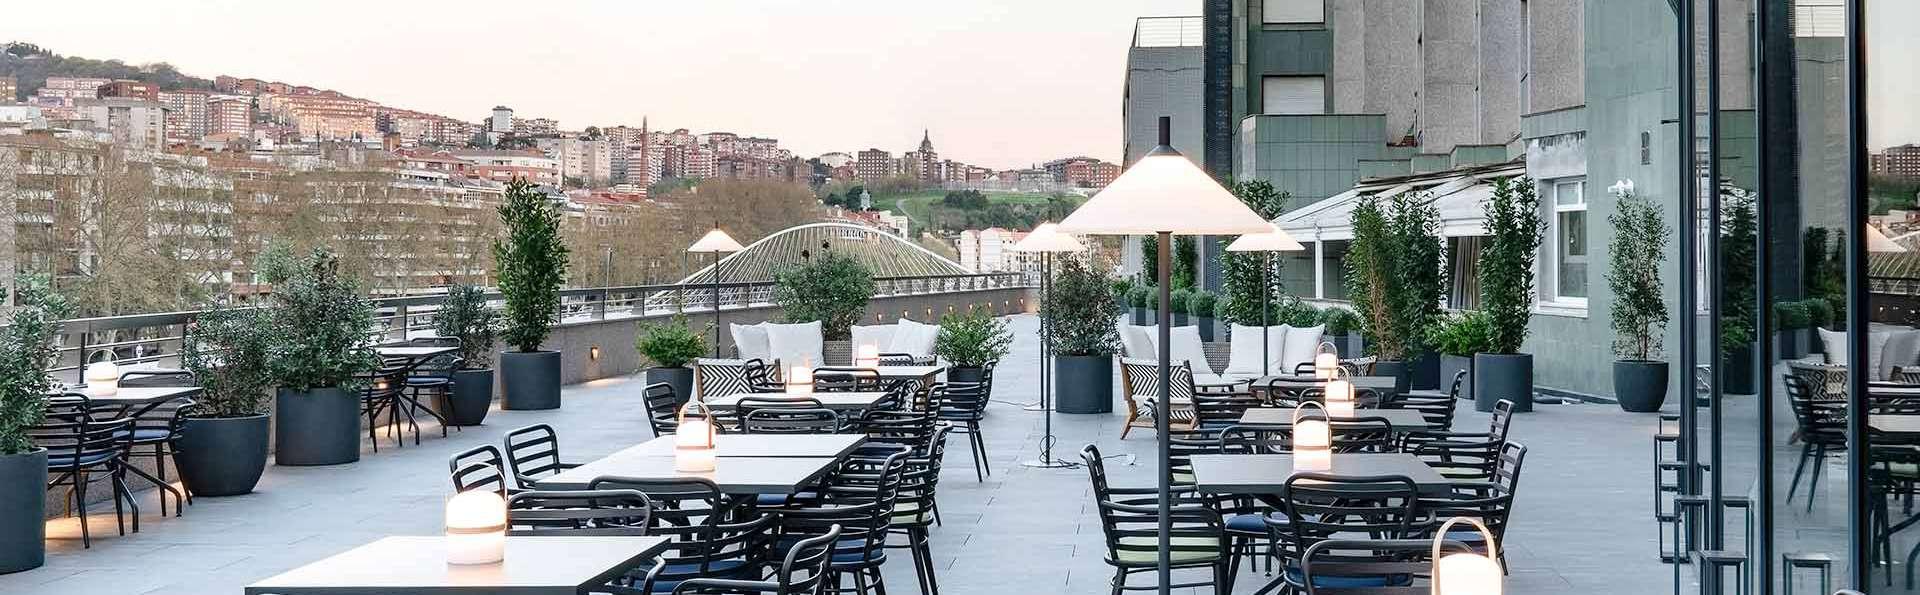 Descubre el encanto vanguardista y moderno de Bilbao desde un hotel de 4* enfrente de la Ría